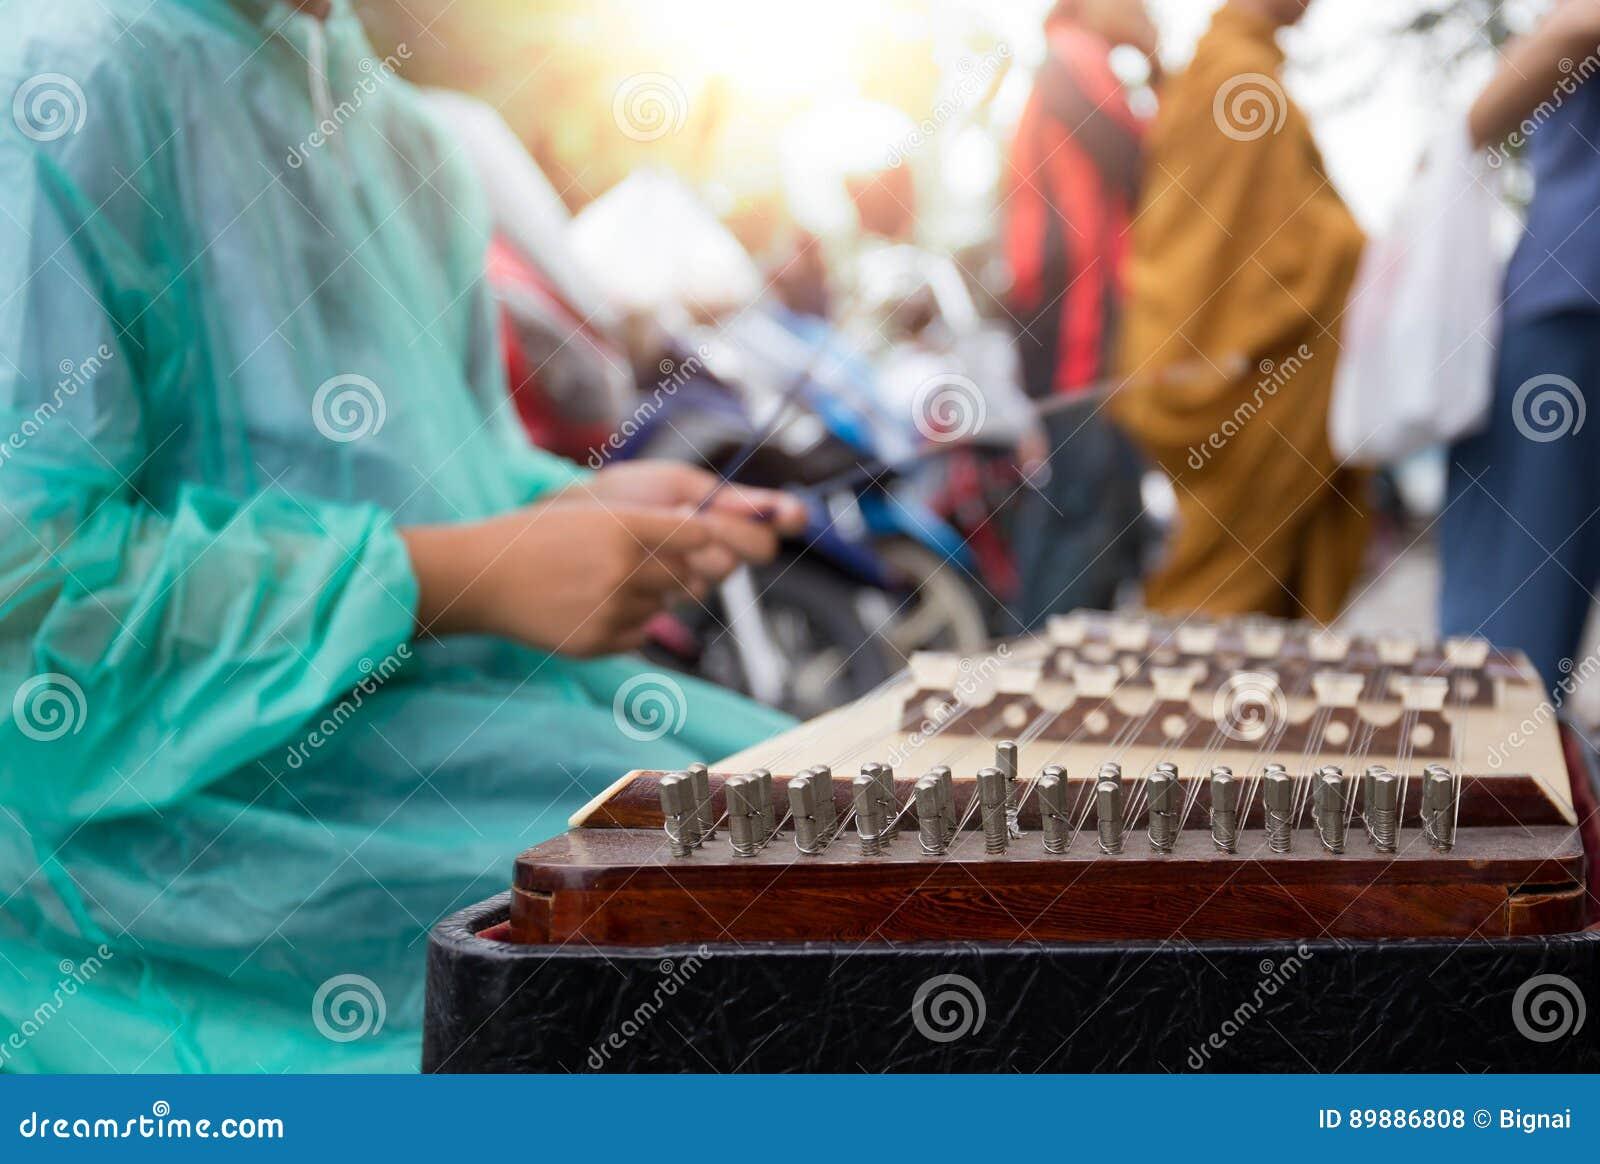 Geselecteerde nadruk Aziatische vrouw die Thaise houten hakkebordmusical spelen